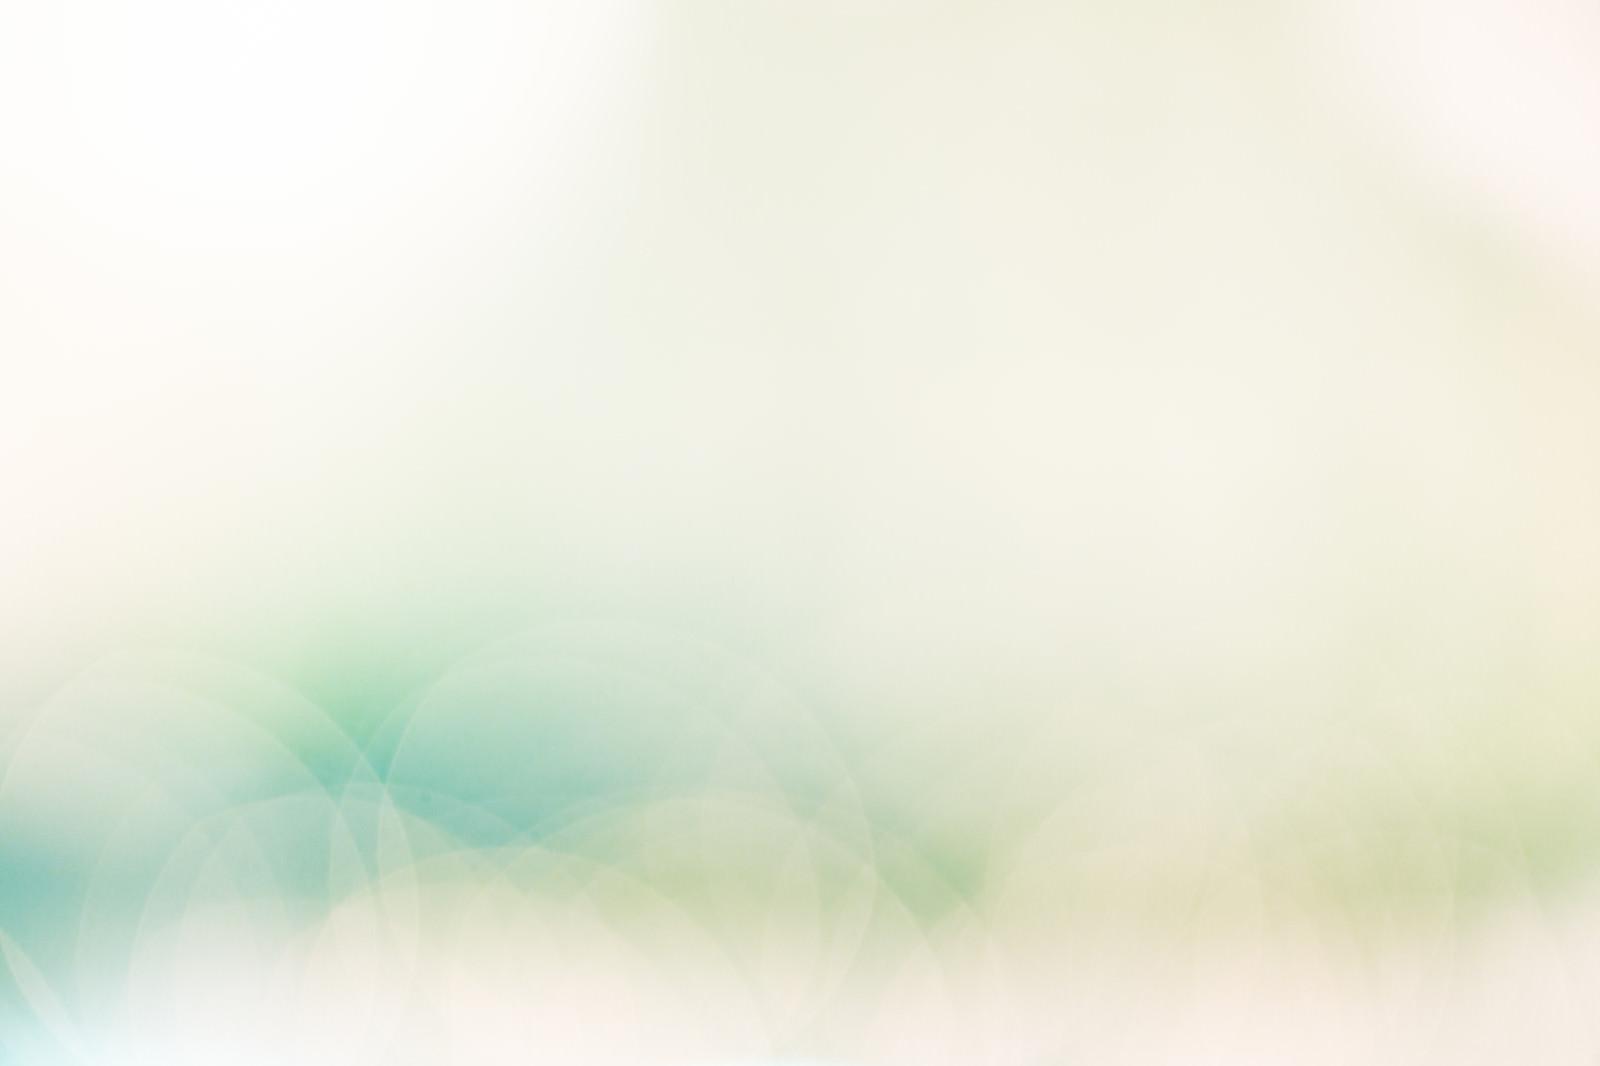 「柔らかい光の中(背景)」の写真